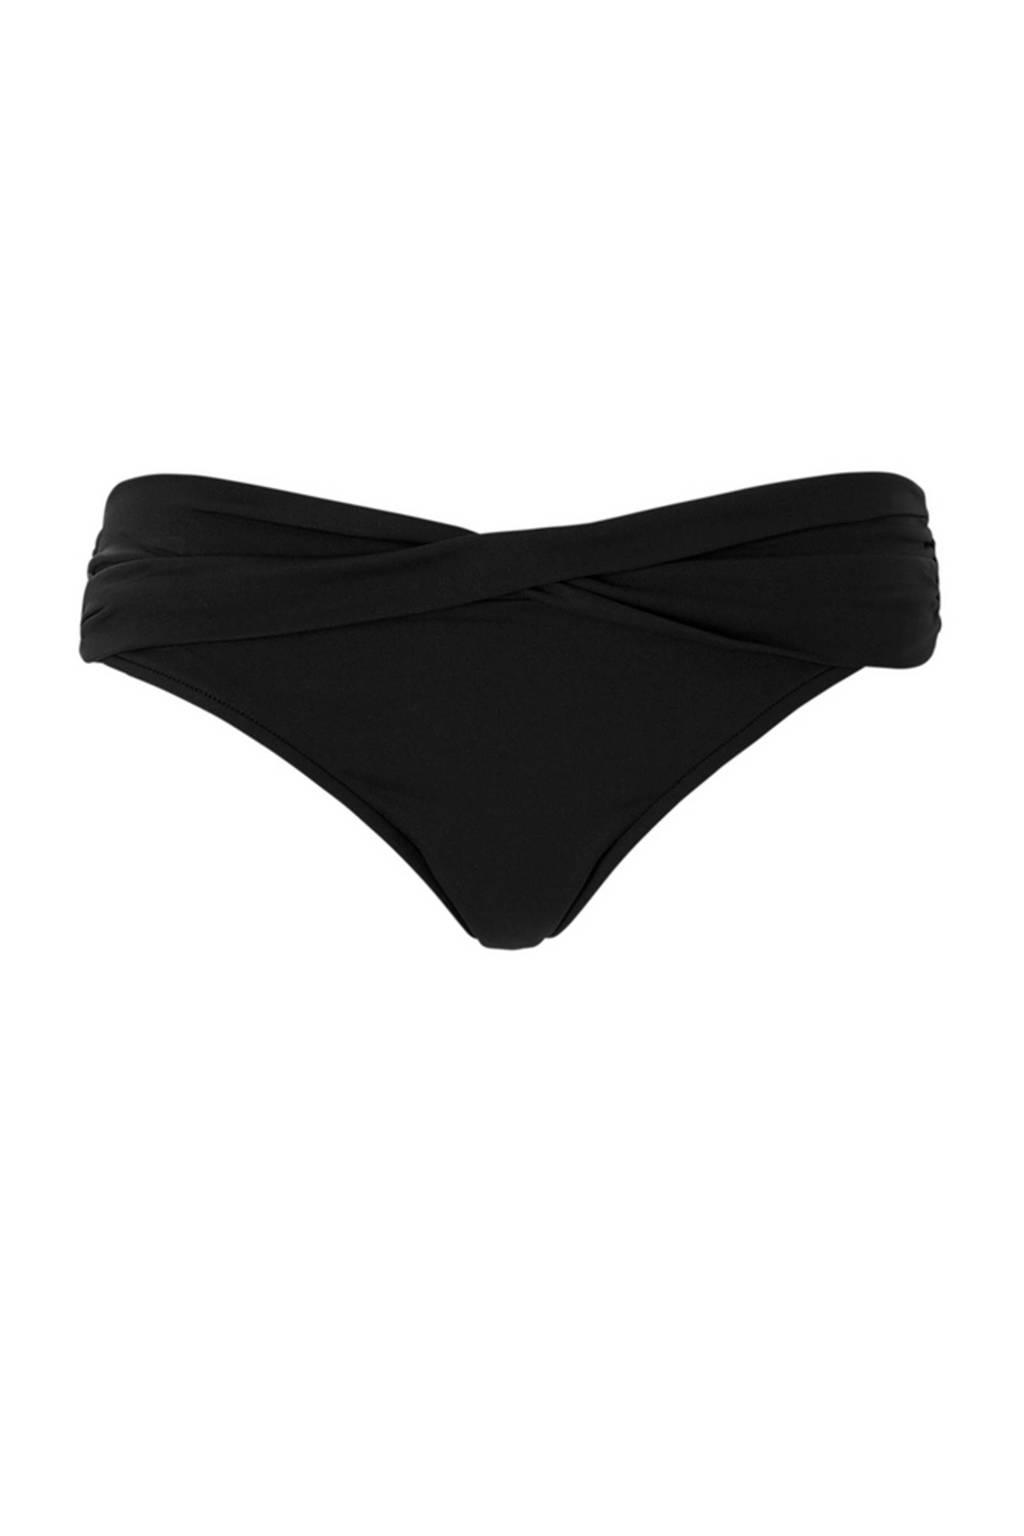 Seafolly bikinibroekje zwart, Zwart